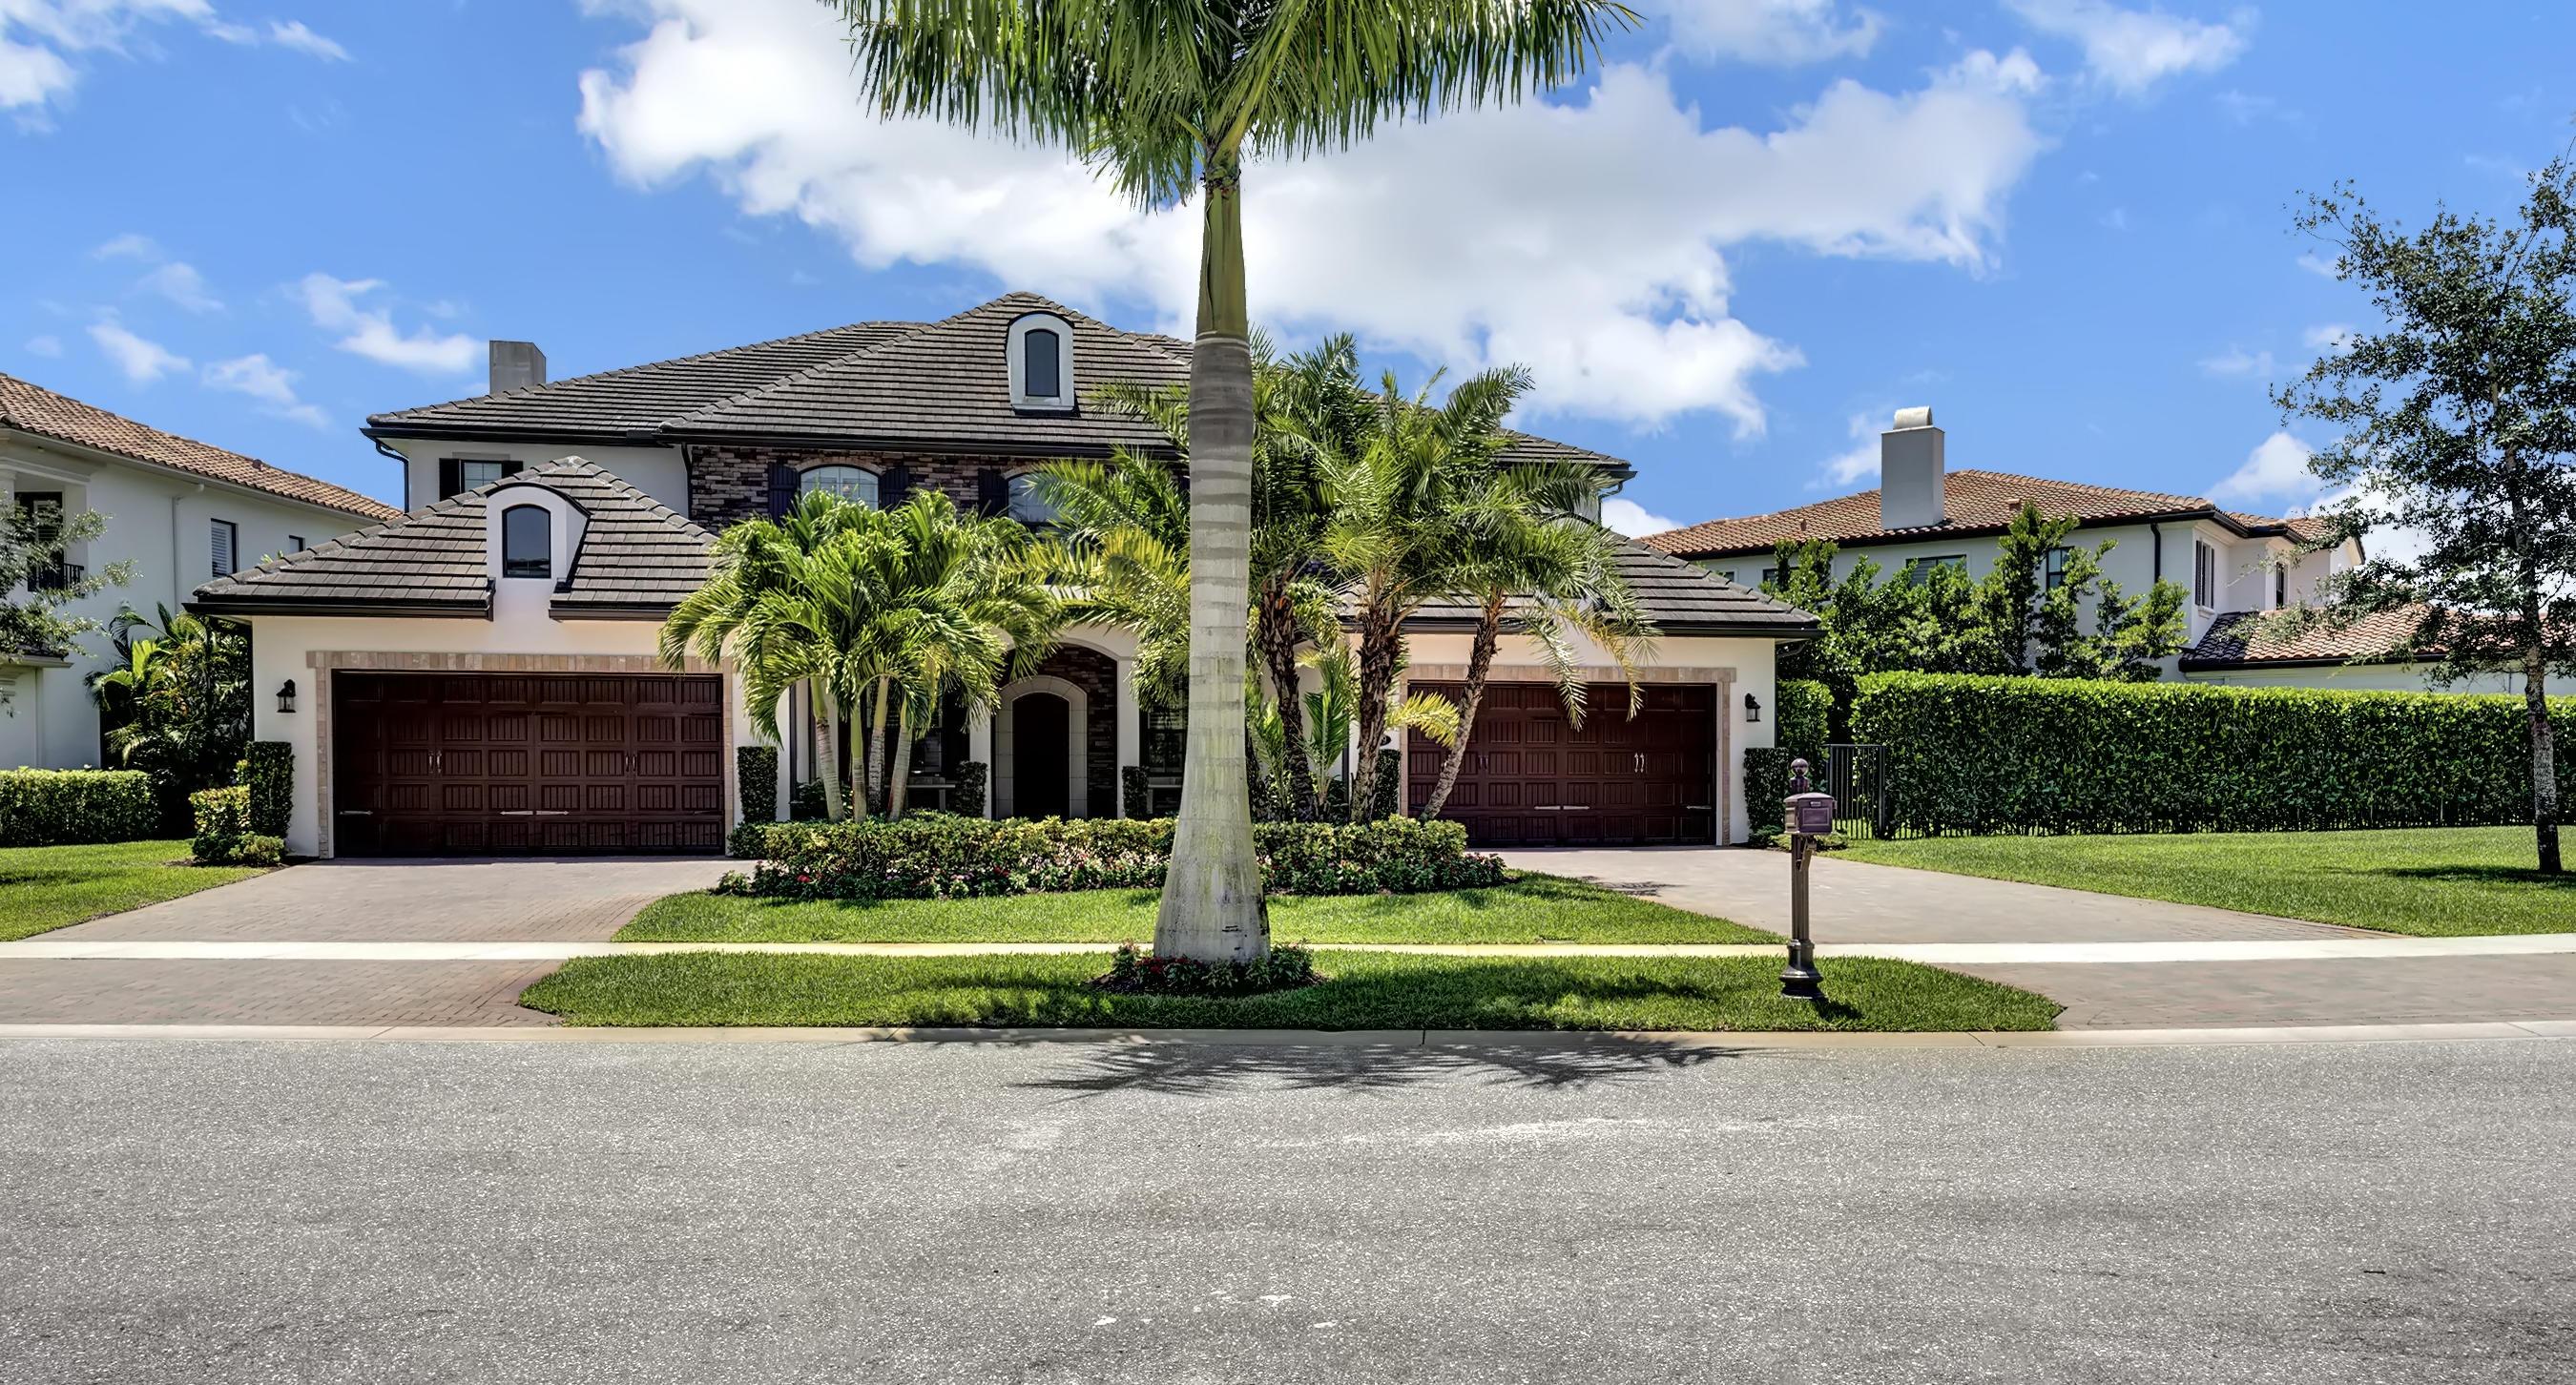 17559 Cadena Drive, Boca Raton, Florida 33496, 5 Bedrooms Bedrooms, ,6.2 BathroomsBathrooms,Single family detached,For sale,Cadena,RX-10621285